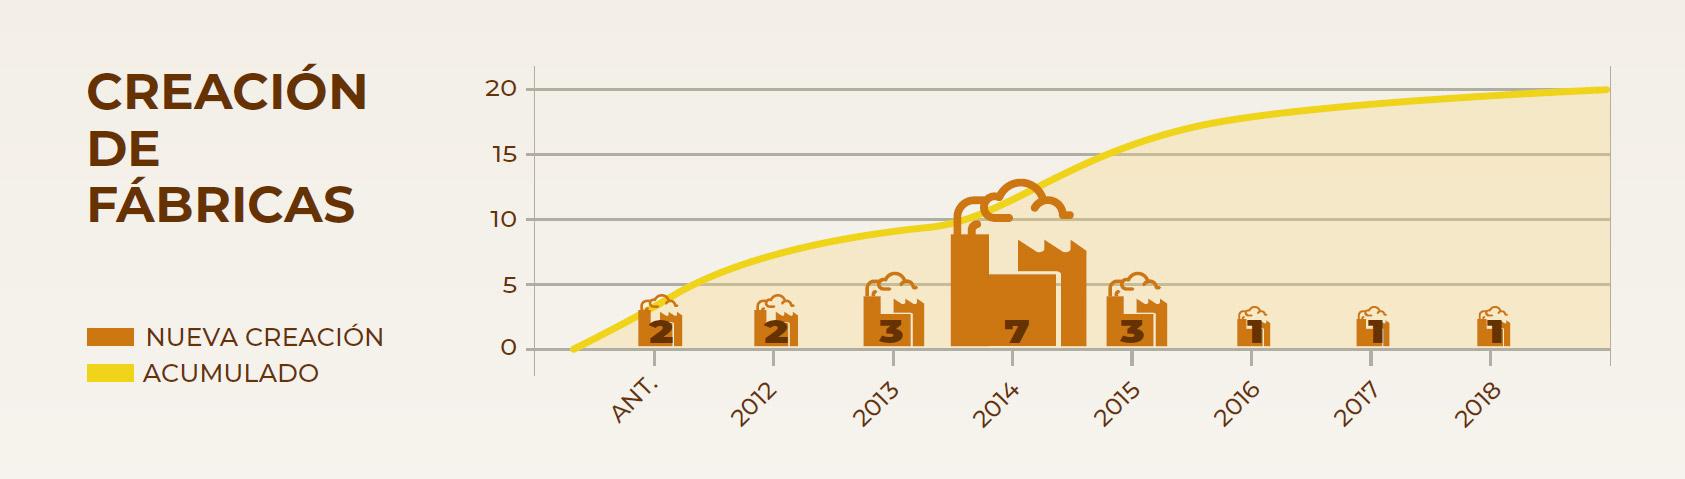 Número de nuevas fábricas de cerveza artesana en Euskadi por año